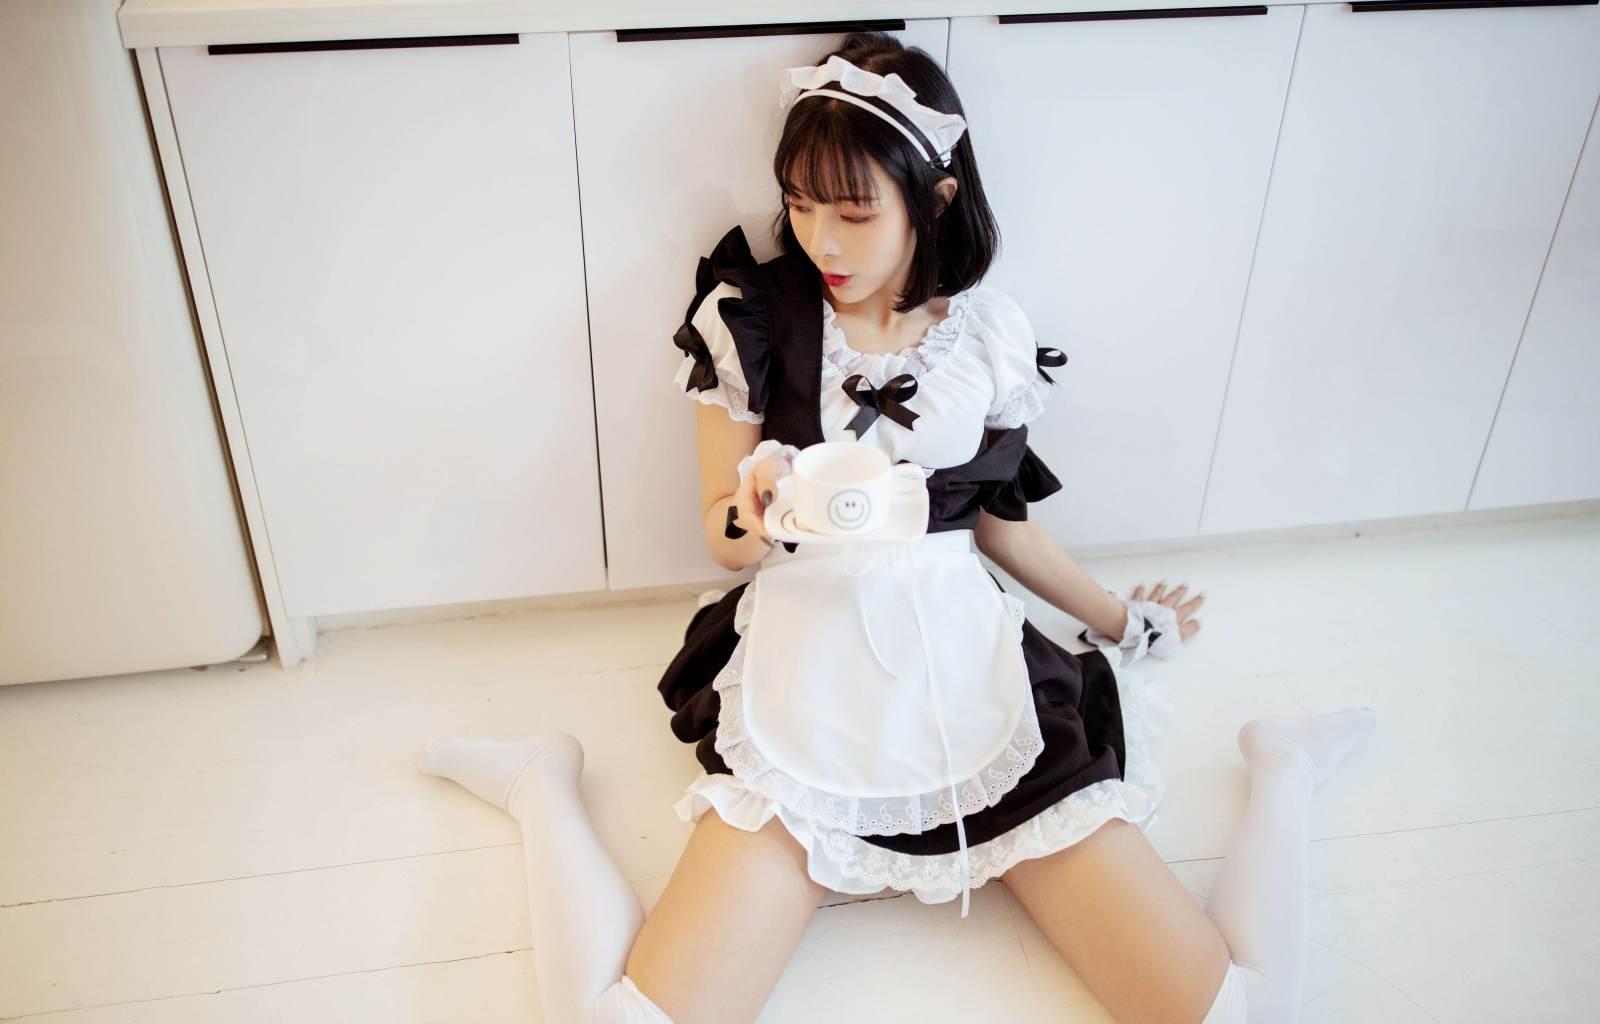 第187期秀色可餐陈小喵(女仆装,过膝白袜)_图片4